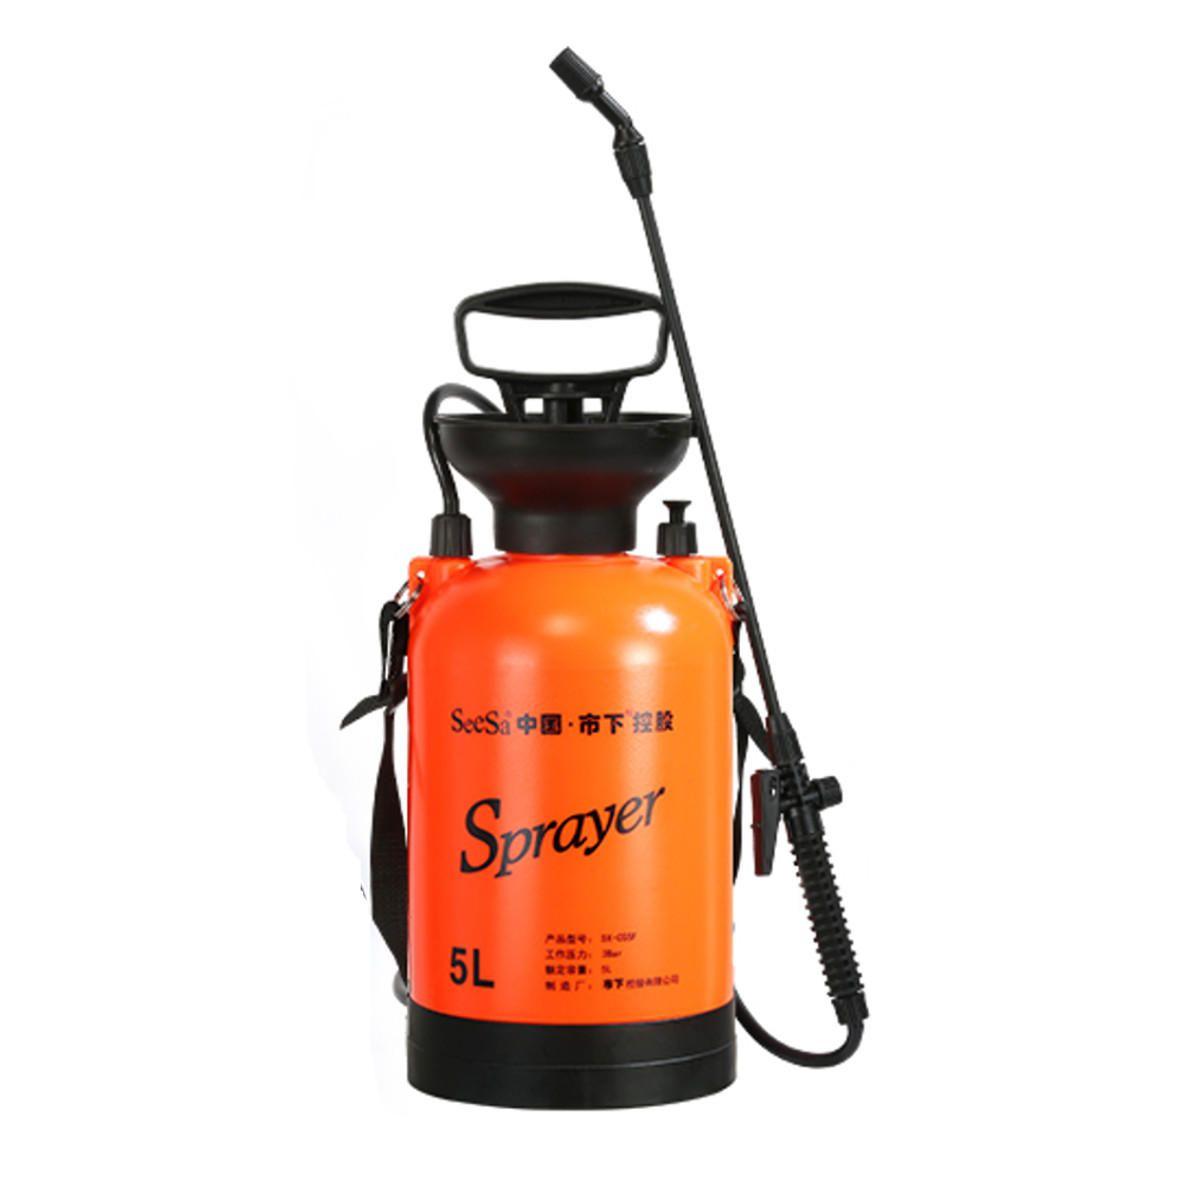 3L/5L Disinfectant Sprayer Hand Pressure Pump Watering Sprayer Garden Irrigation Chemical Bottle